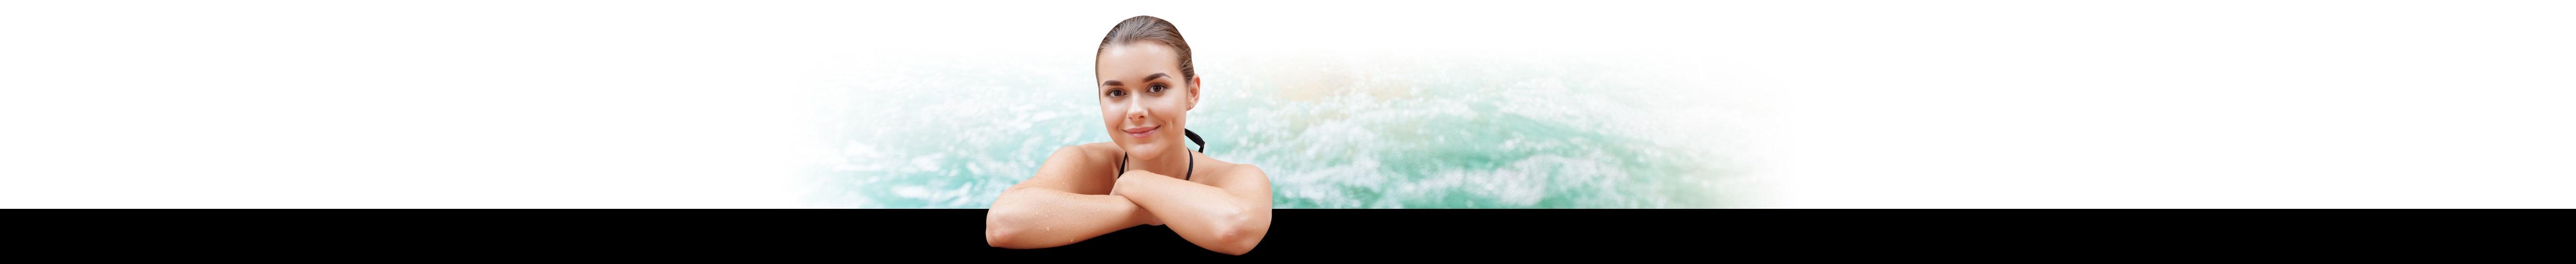 SpaChoice Spas and Swim Spas Australia